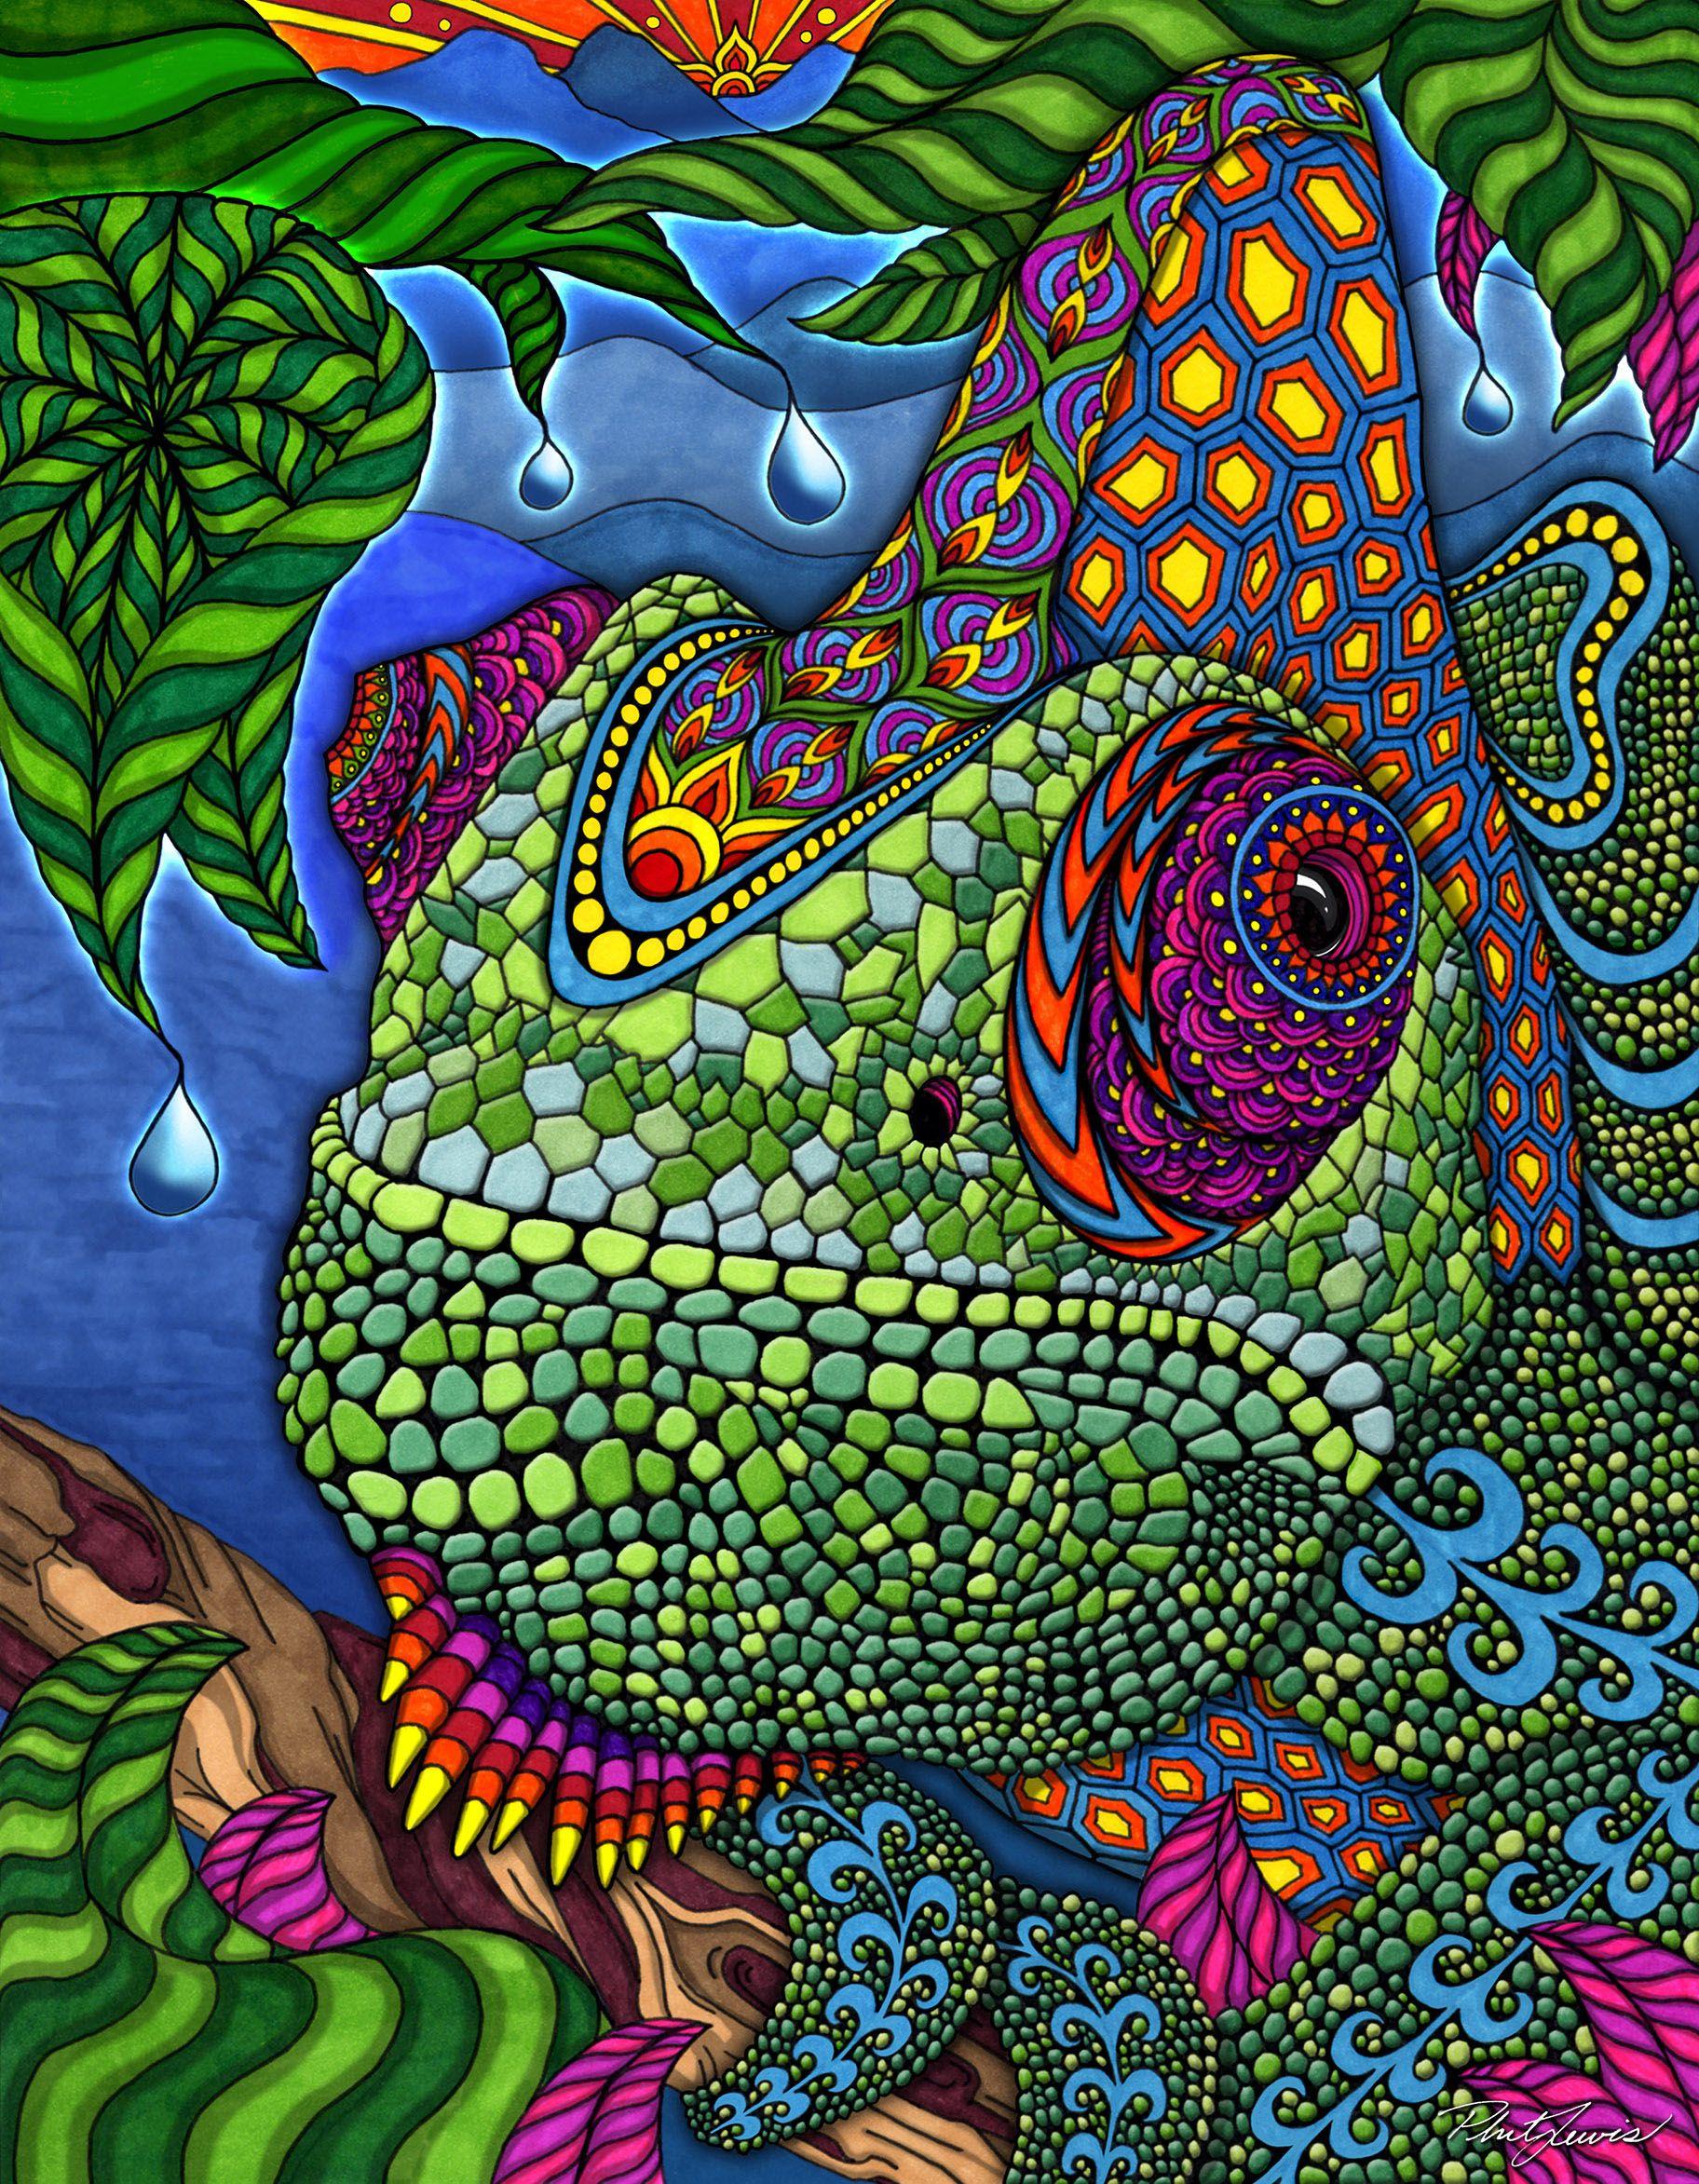 phil-lewis-chameleon